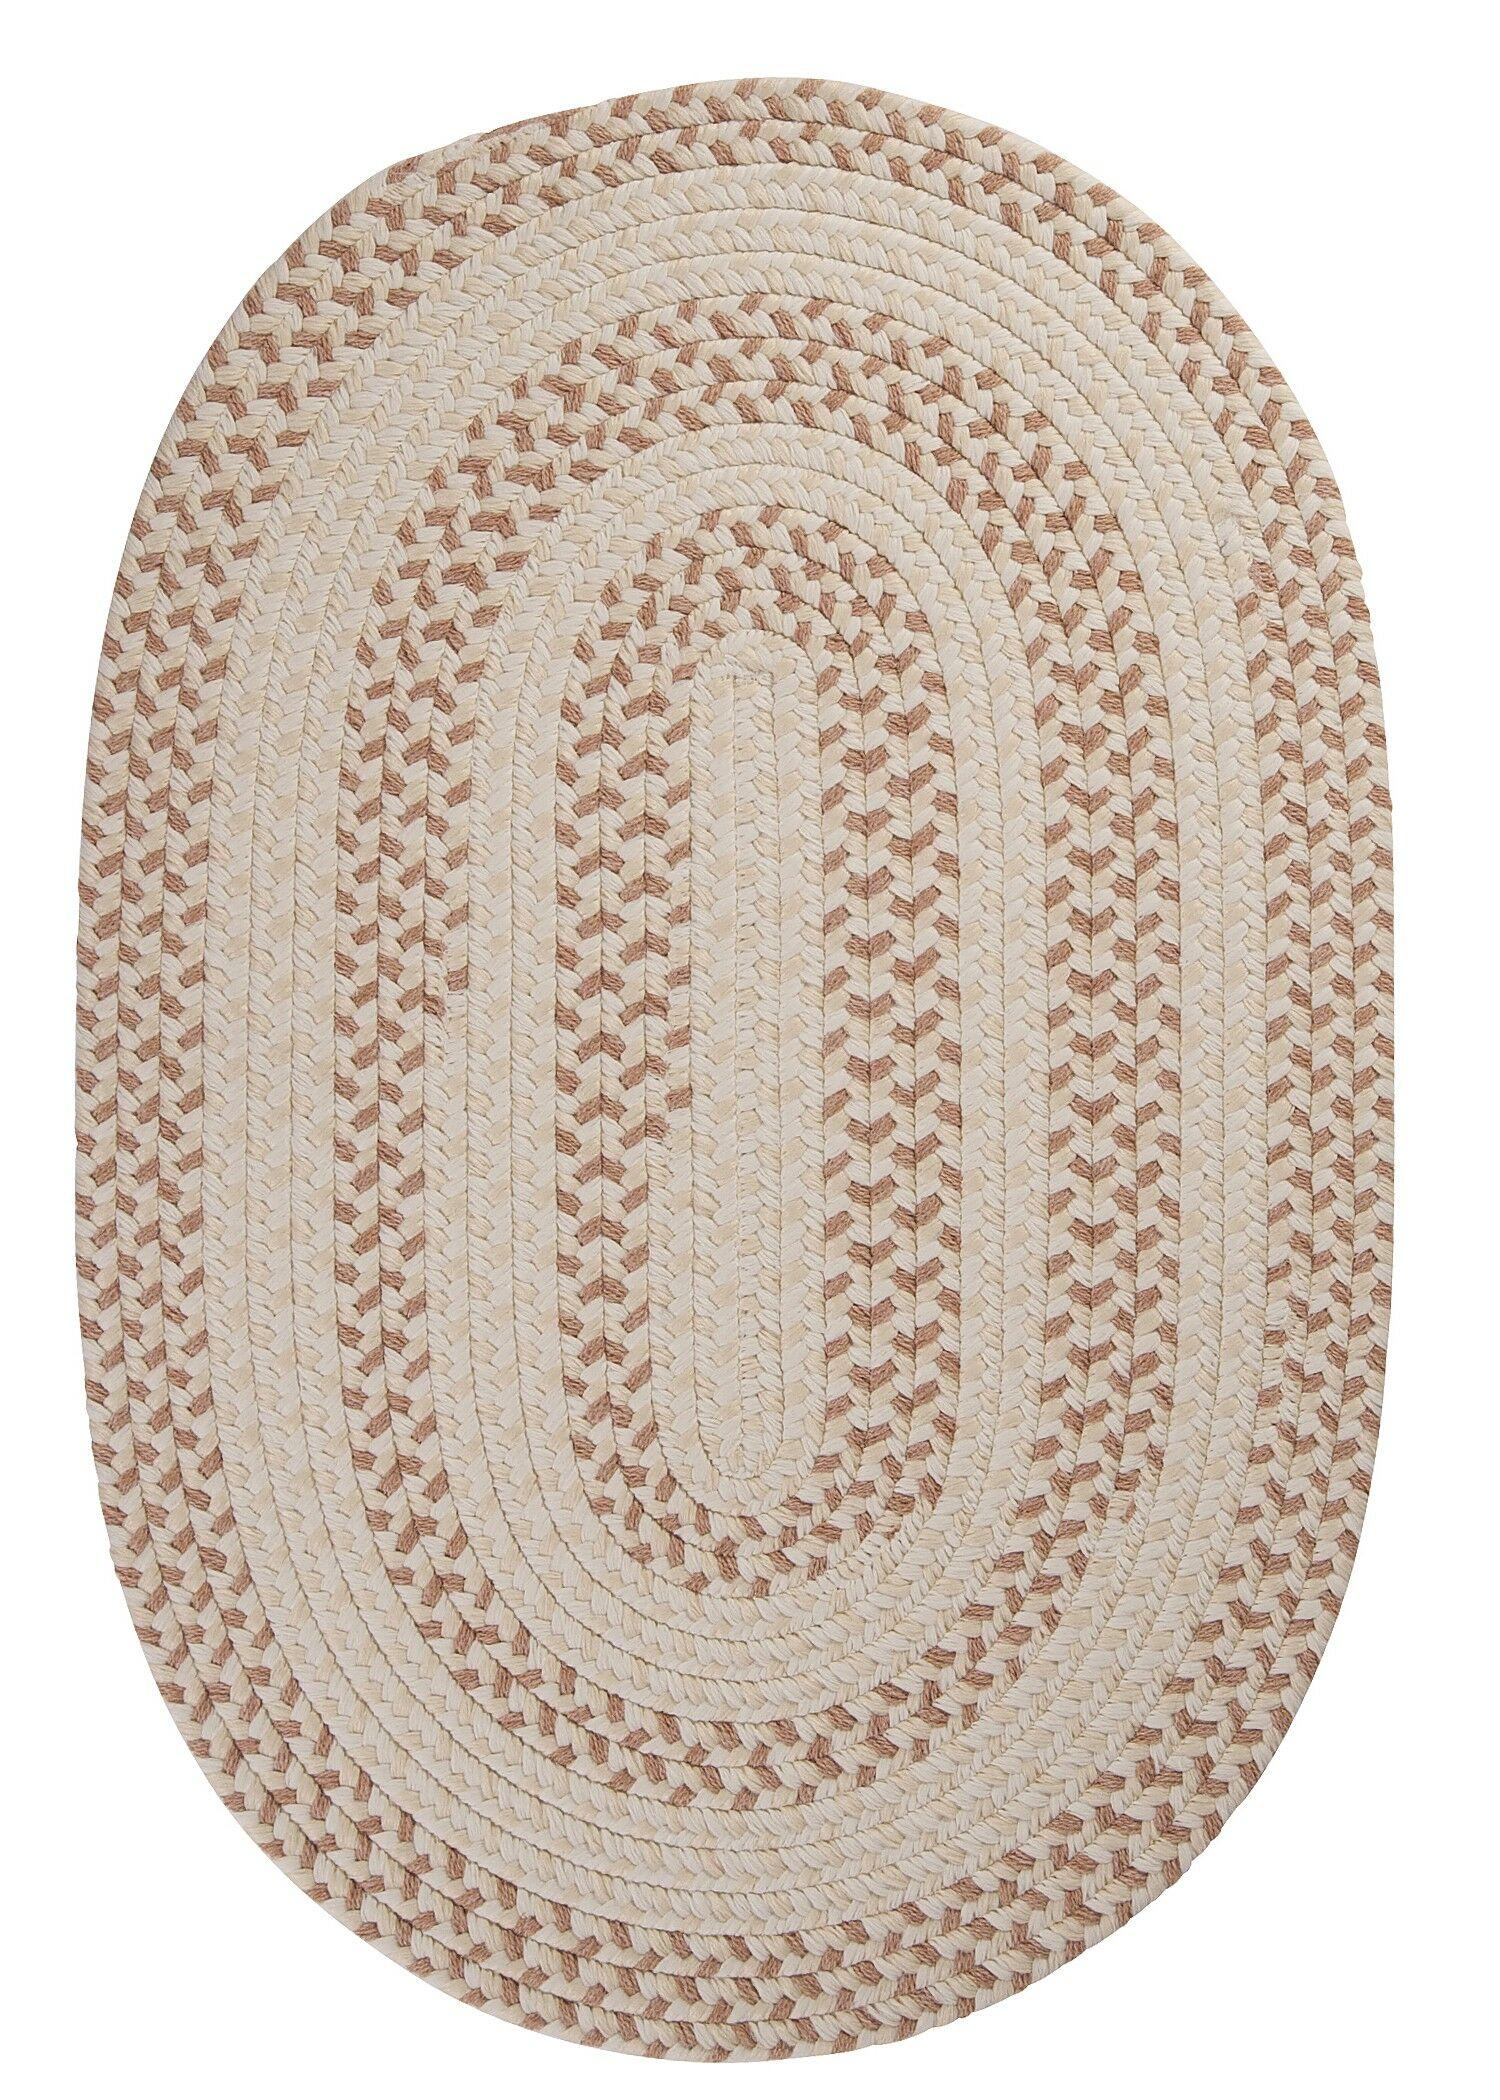 Elmwood Evergold Braided Area Rug Rug Size: Rectangle 12' x 15'